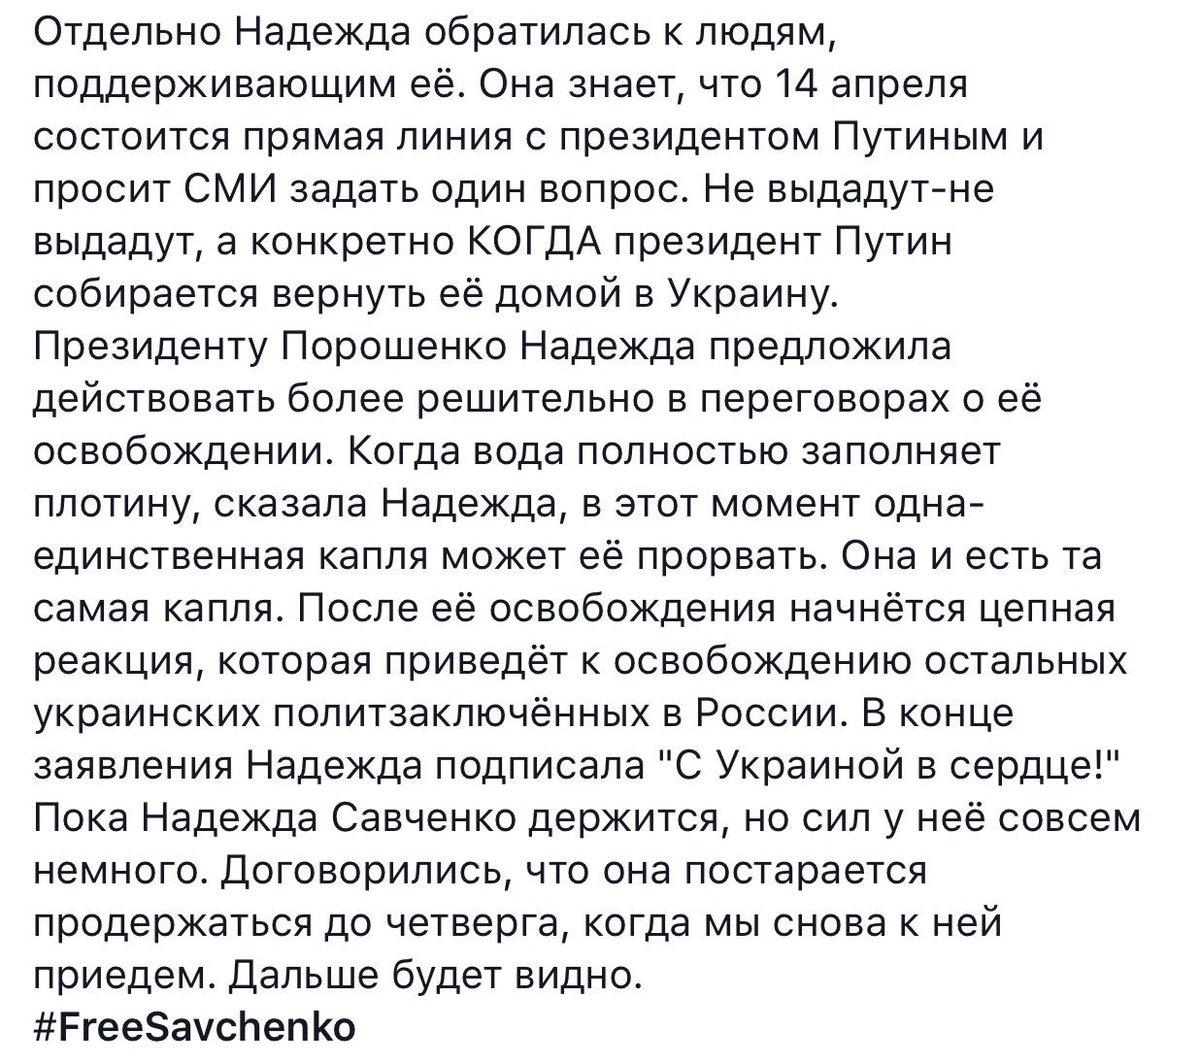 Савченко просит конкретно спросить у Путина во время прямой линии, когда он собирается вернуть ее в Украину, - адвокат - Цензор.НЕТ 9080